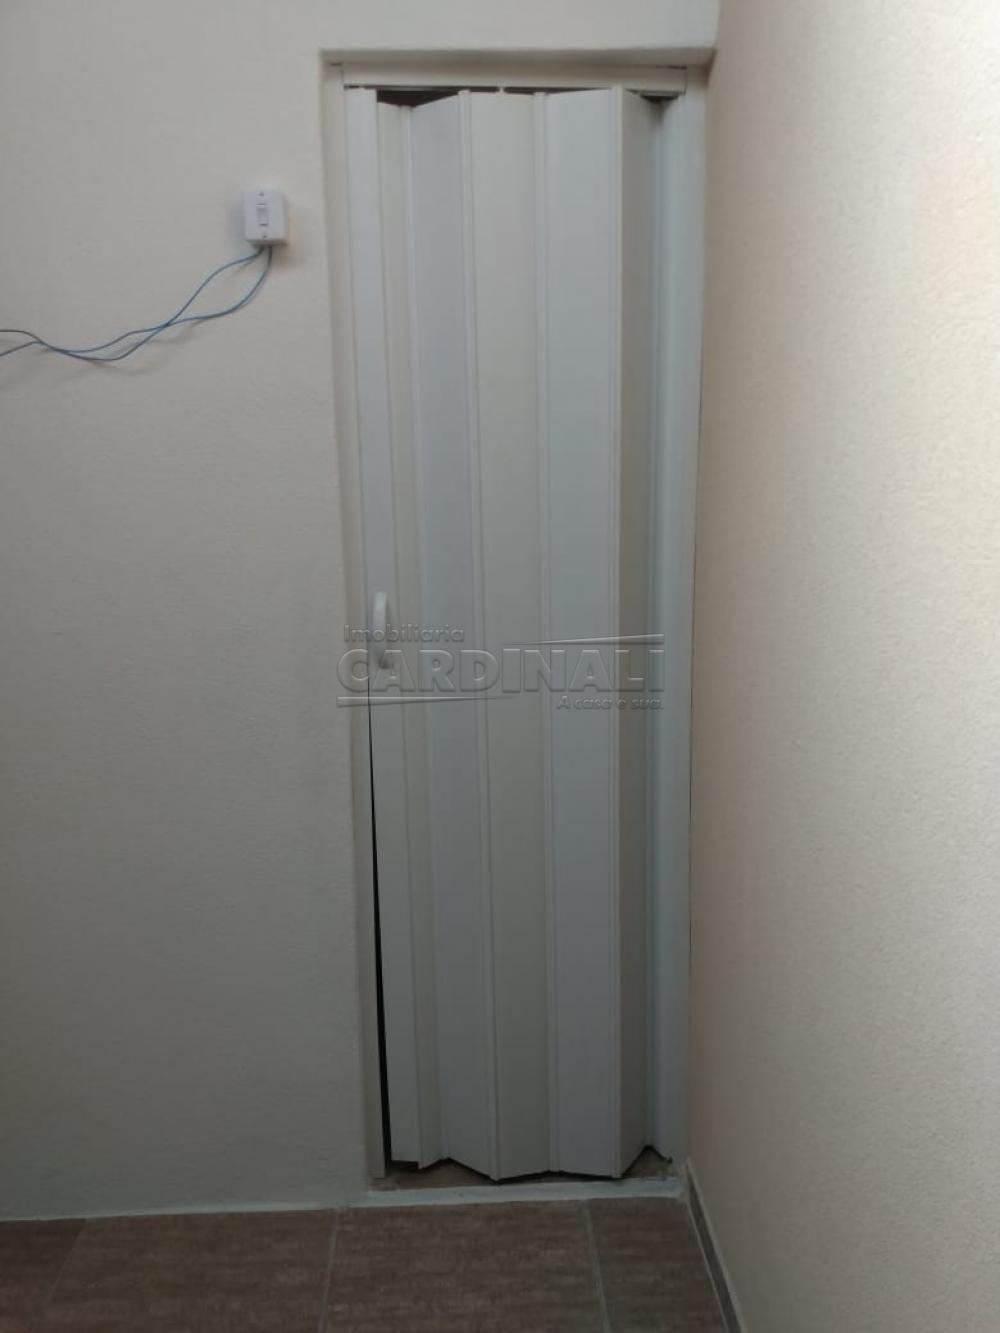 Comprar Casa / Padrão em São Carlos R$ 155.000,00 - Foto 17